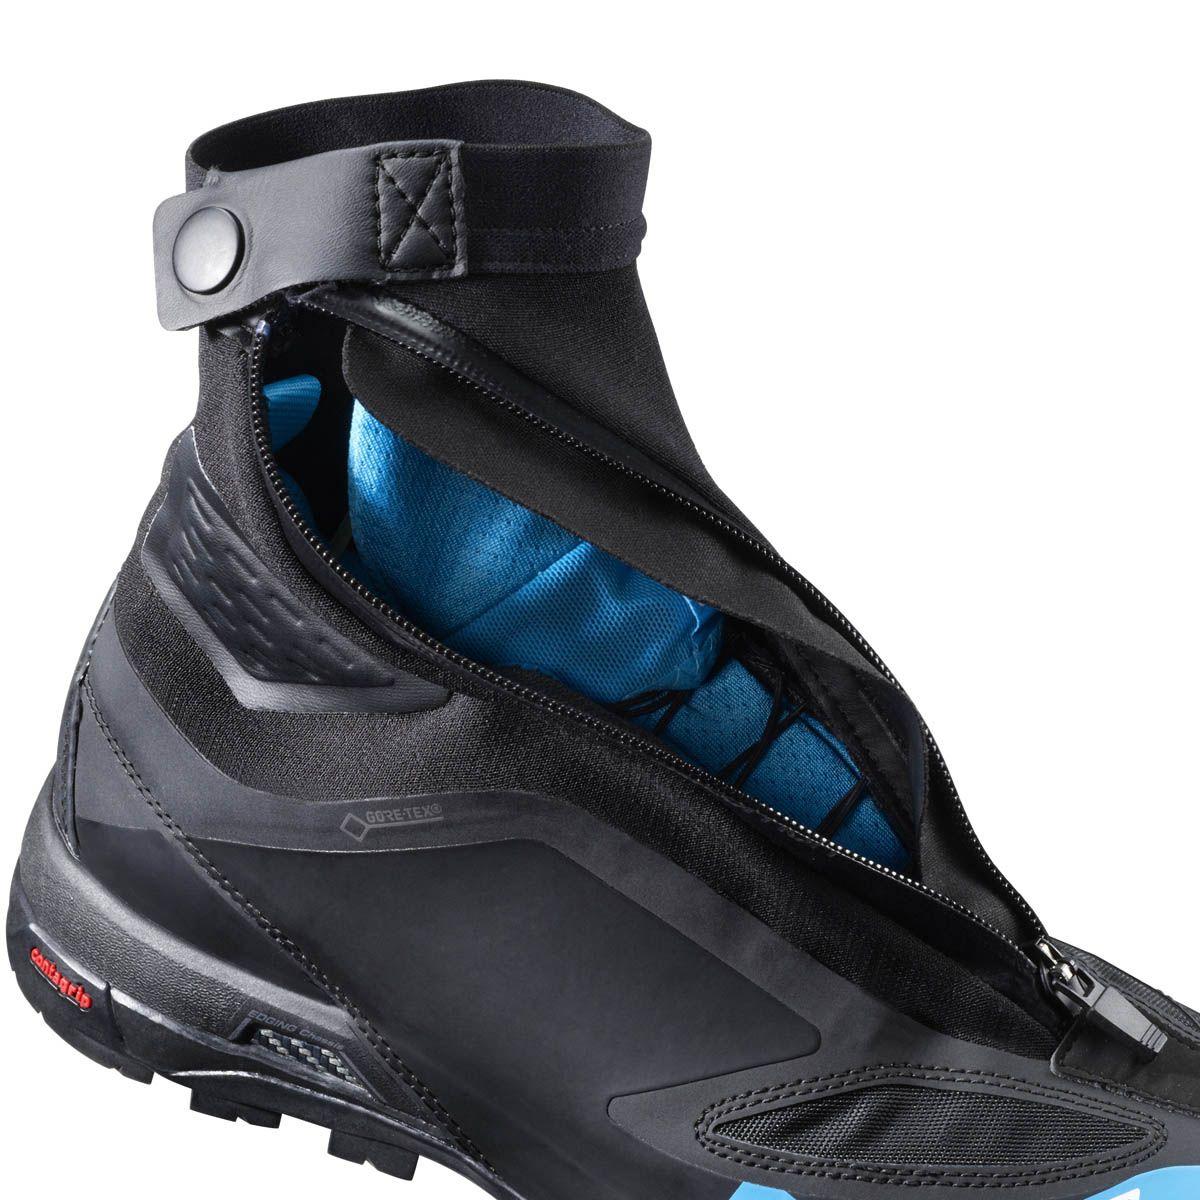 Salomon S Lab X Alp 20 Pack에 대한 이미지 검색결과   Footwear